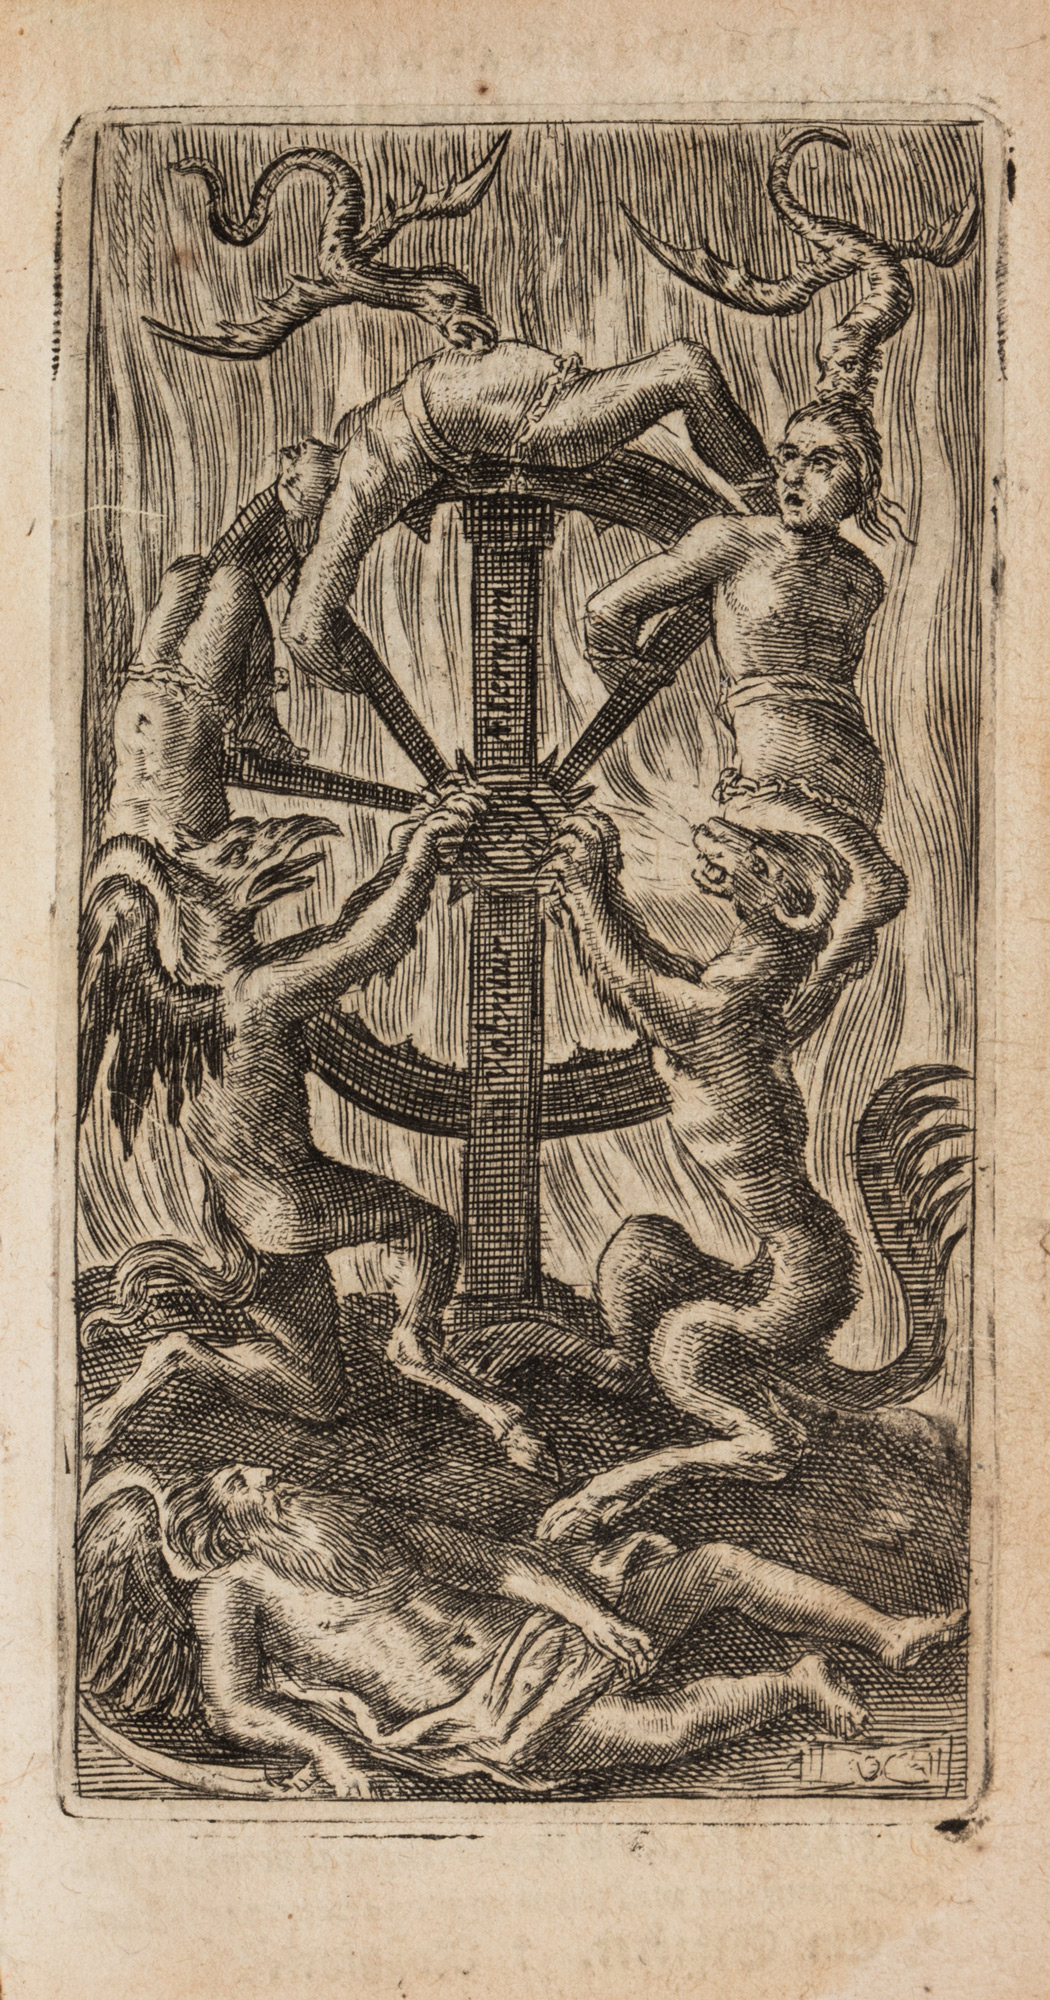 Infernus damnatorum carcer et rogus aeternitatis pars II